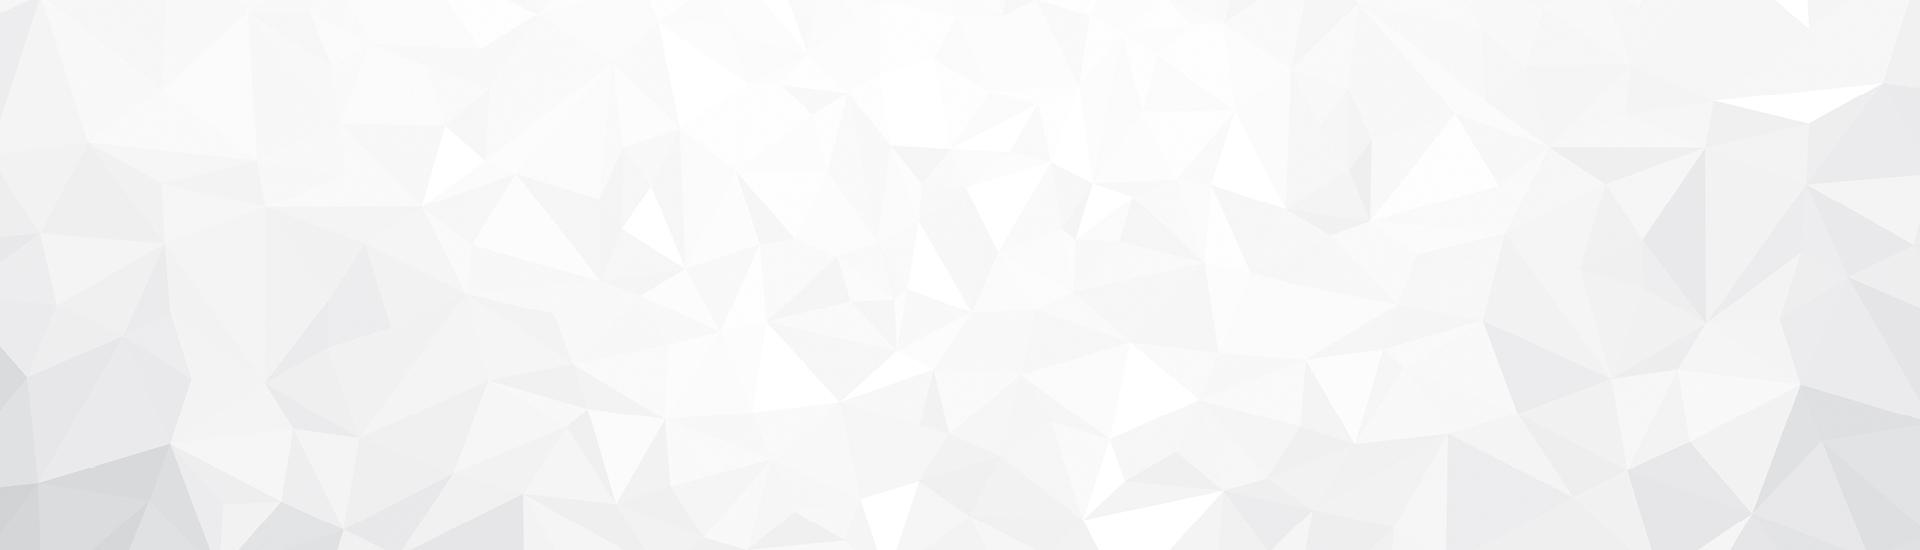 Weine - 30 Jahre Vinorama - Unsere Jubiläumspakete 10/2018 - Slider